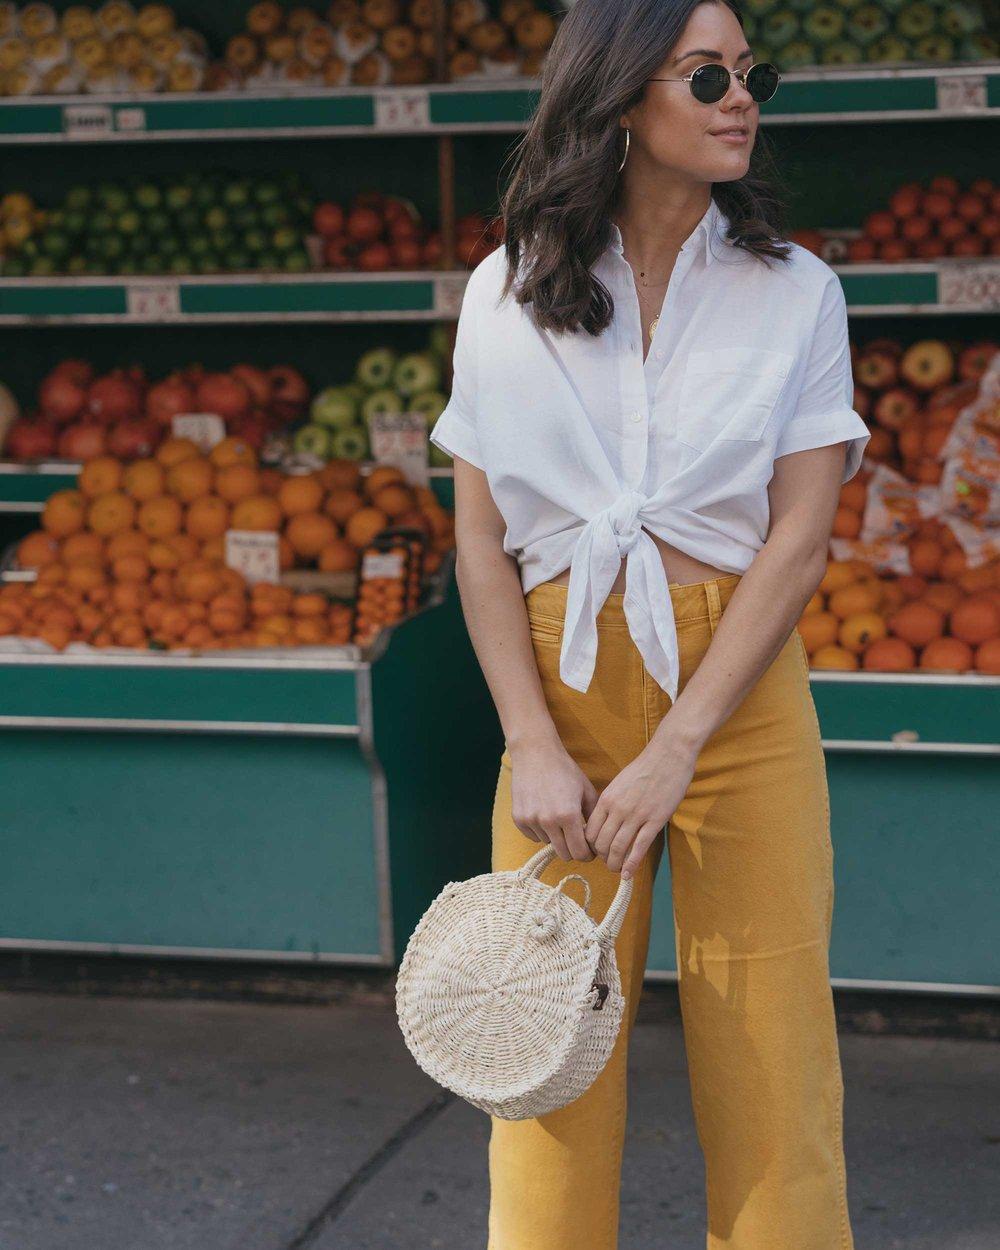 Madewell emmett wide-leg crop pants Round Woven Bag short-sleeve tie-front shirt summer outfit fruit stand new york12.jpg